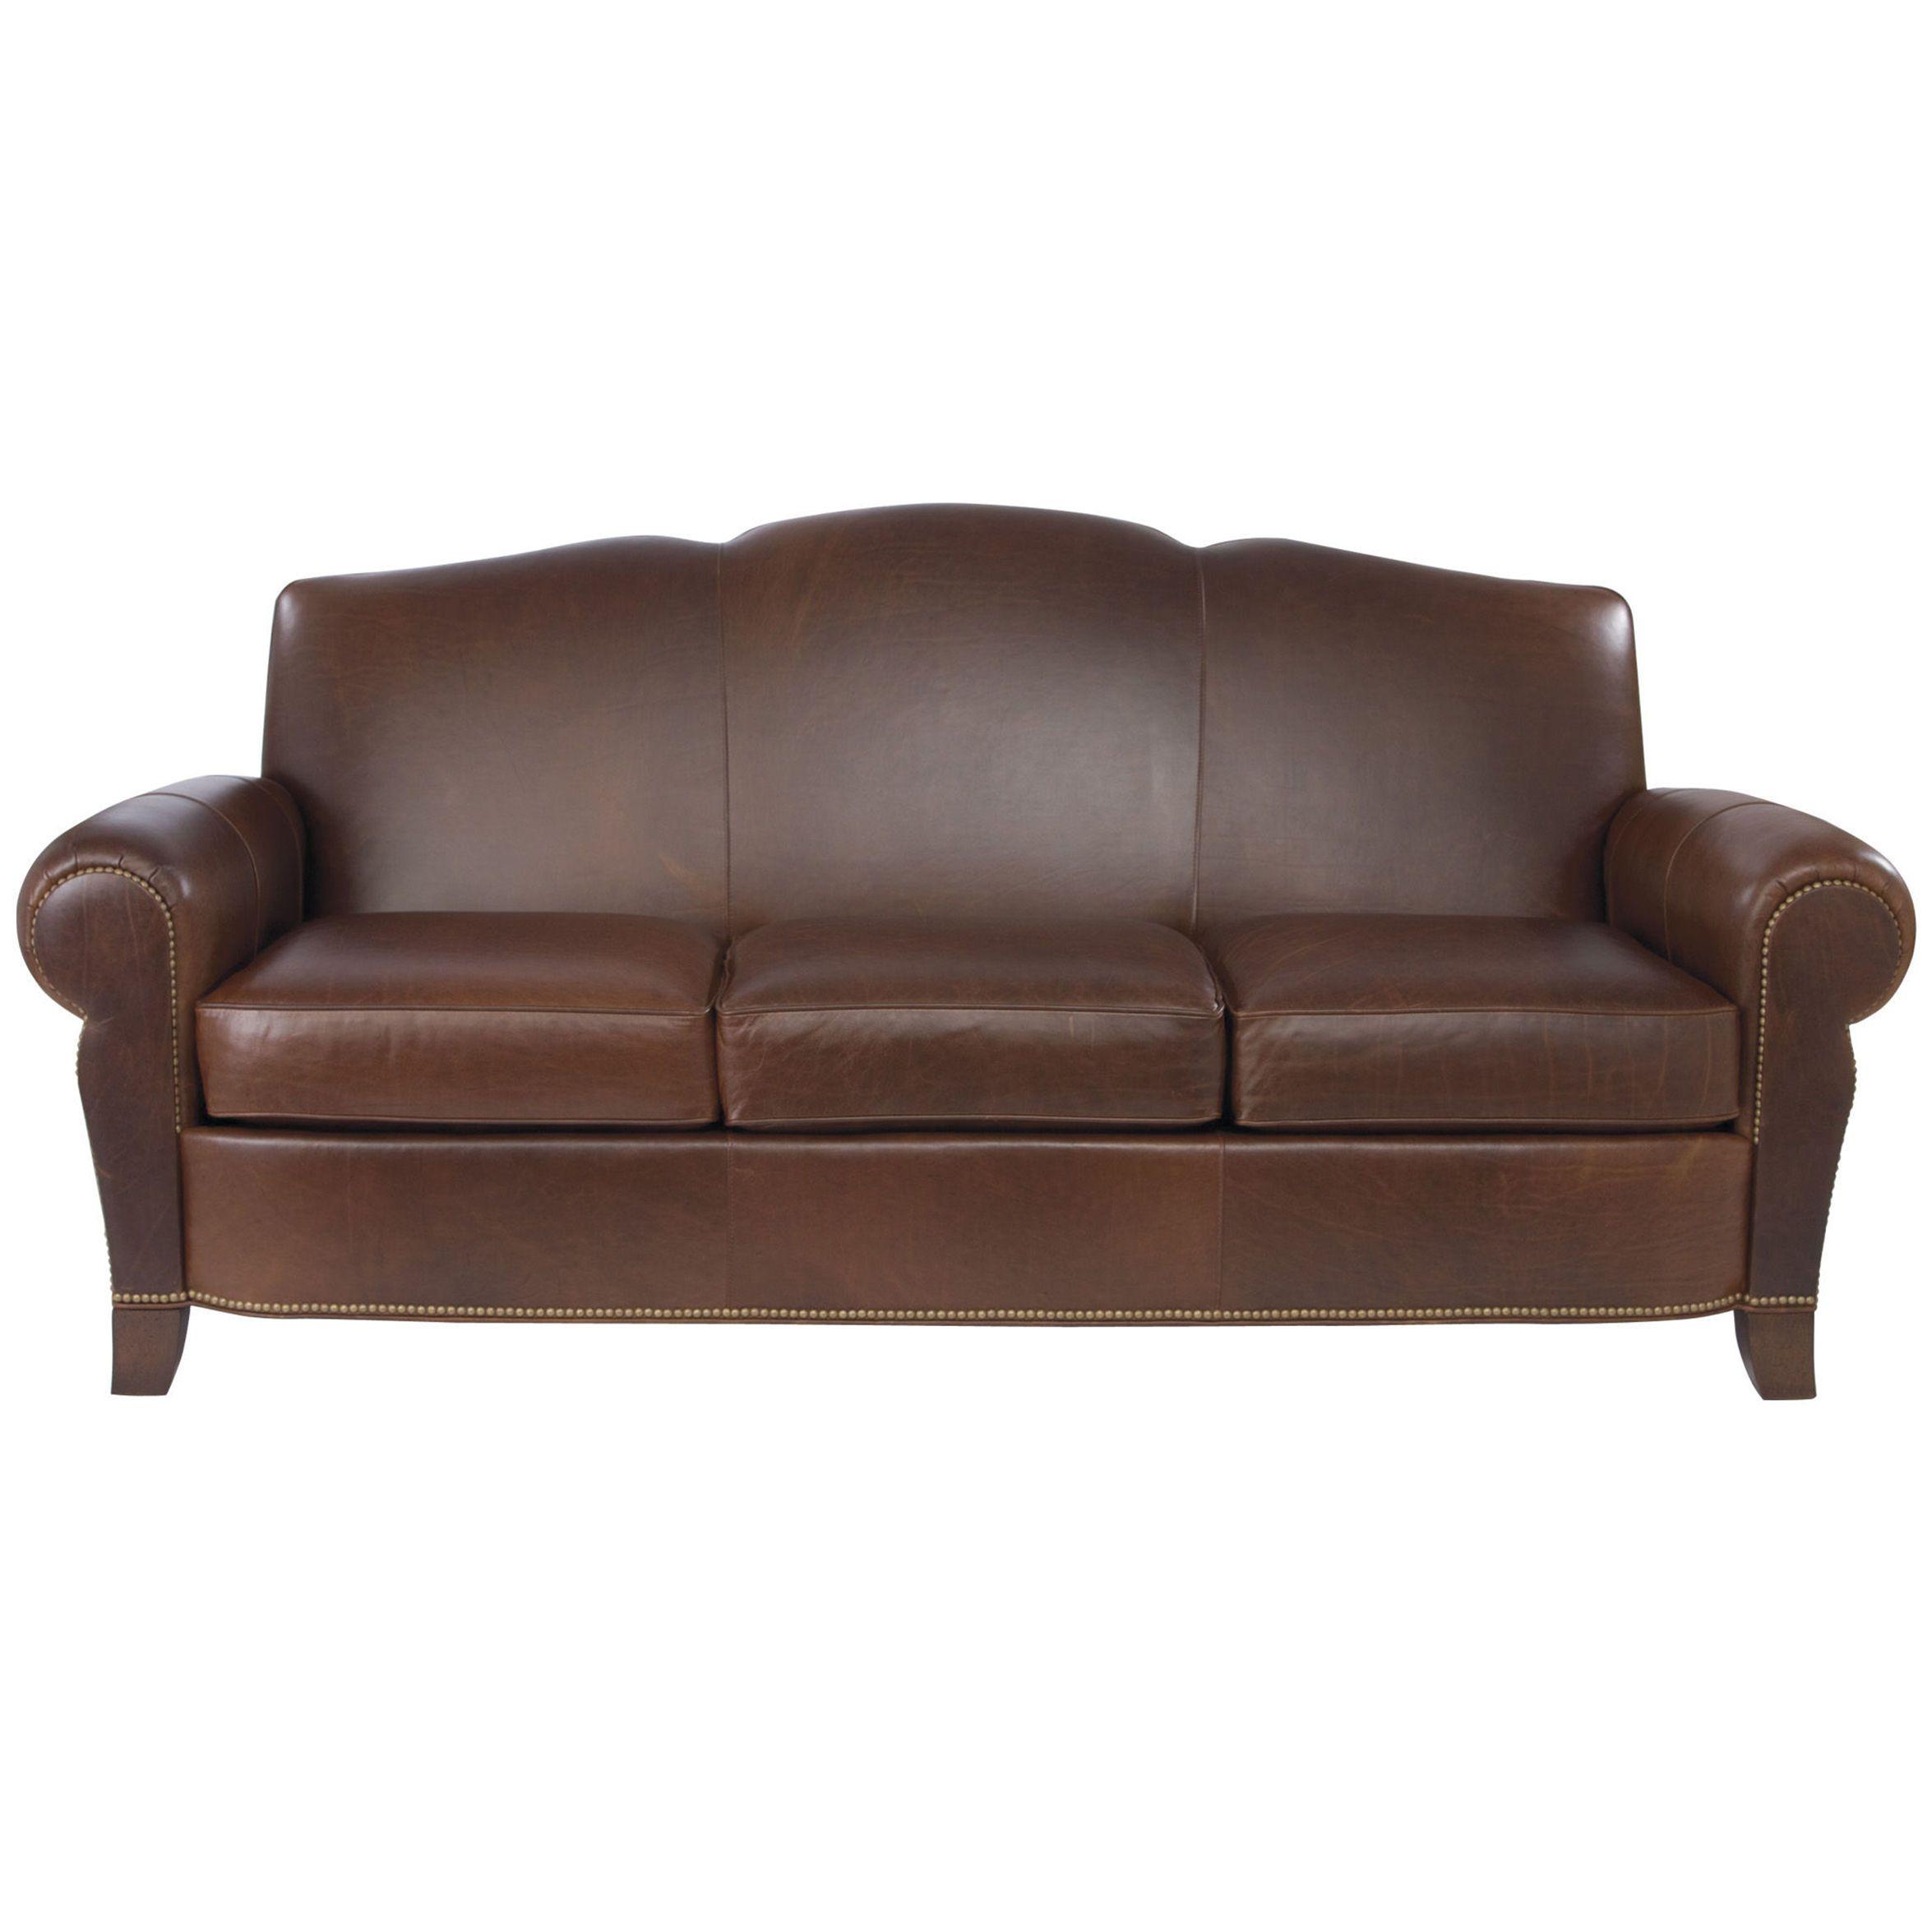 Paloma Three Cushion Leather Sofa Ethan Allen Us Leather Sofa